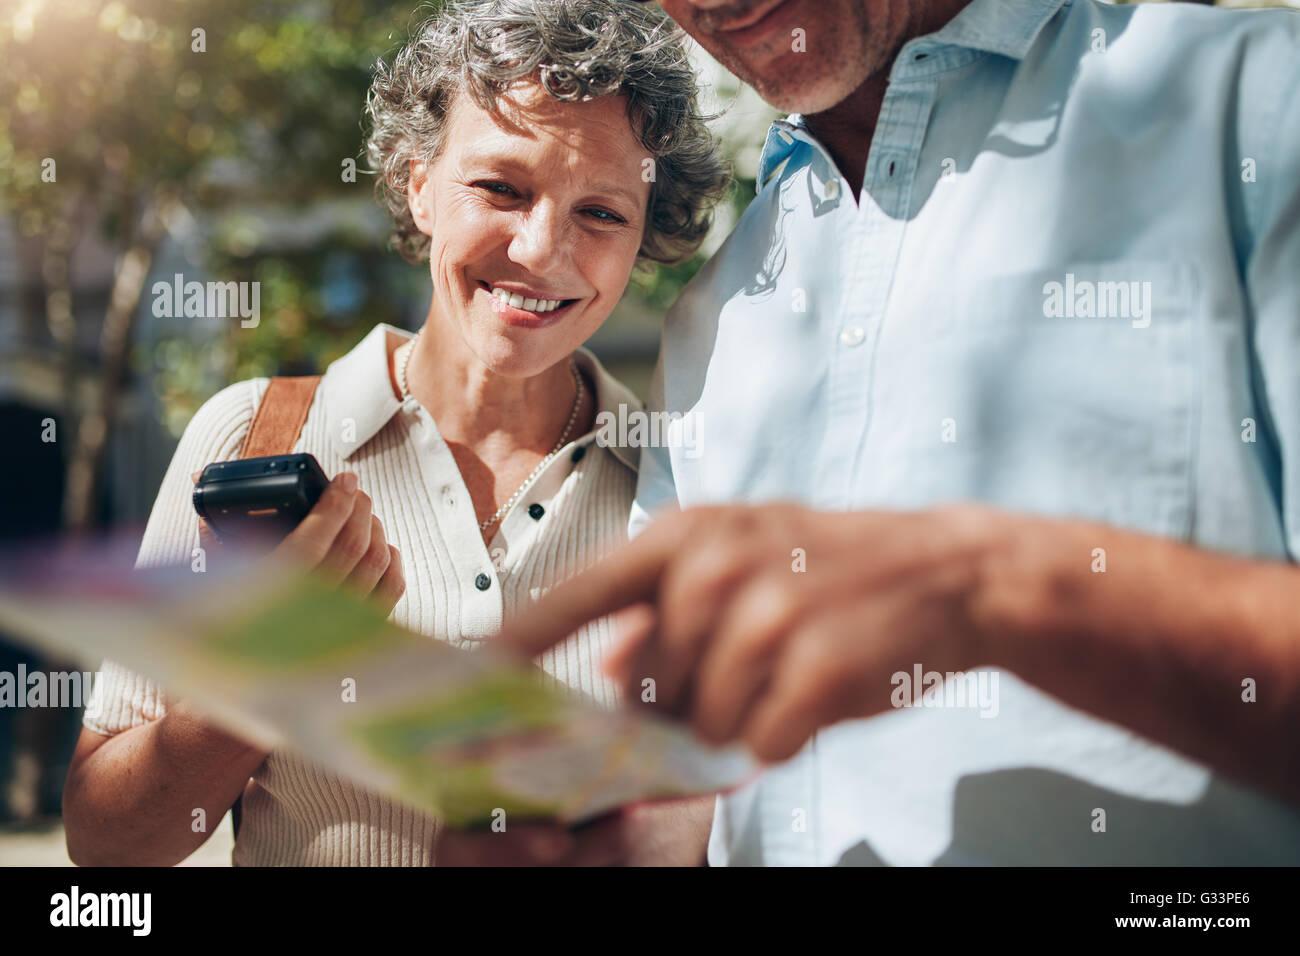 Couple d'âge moyen à la recherche au plan de la ville. Femme mature avec son mari sur les vacances Photo Stock